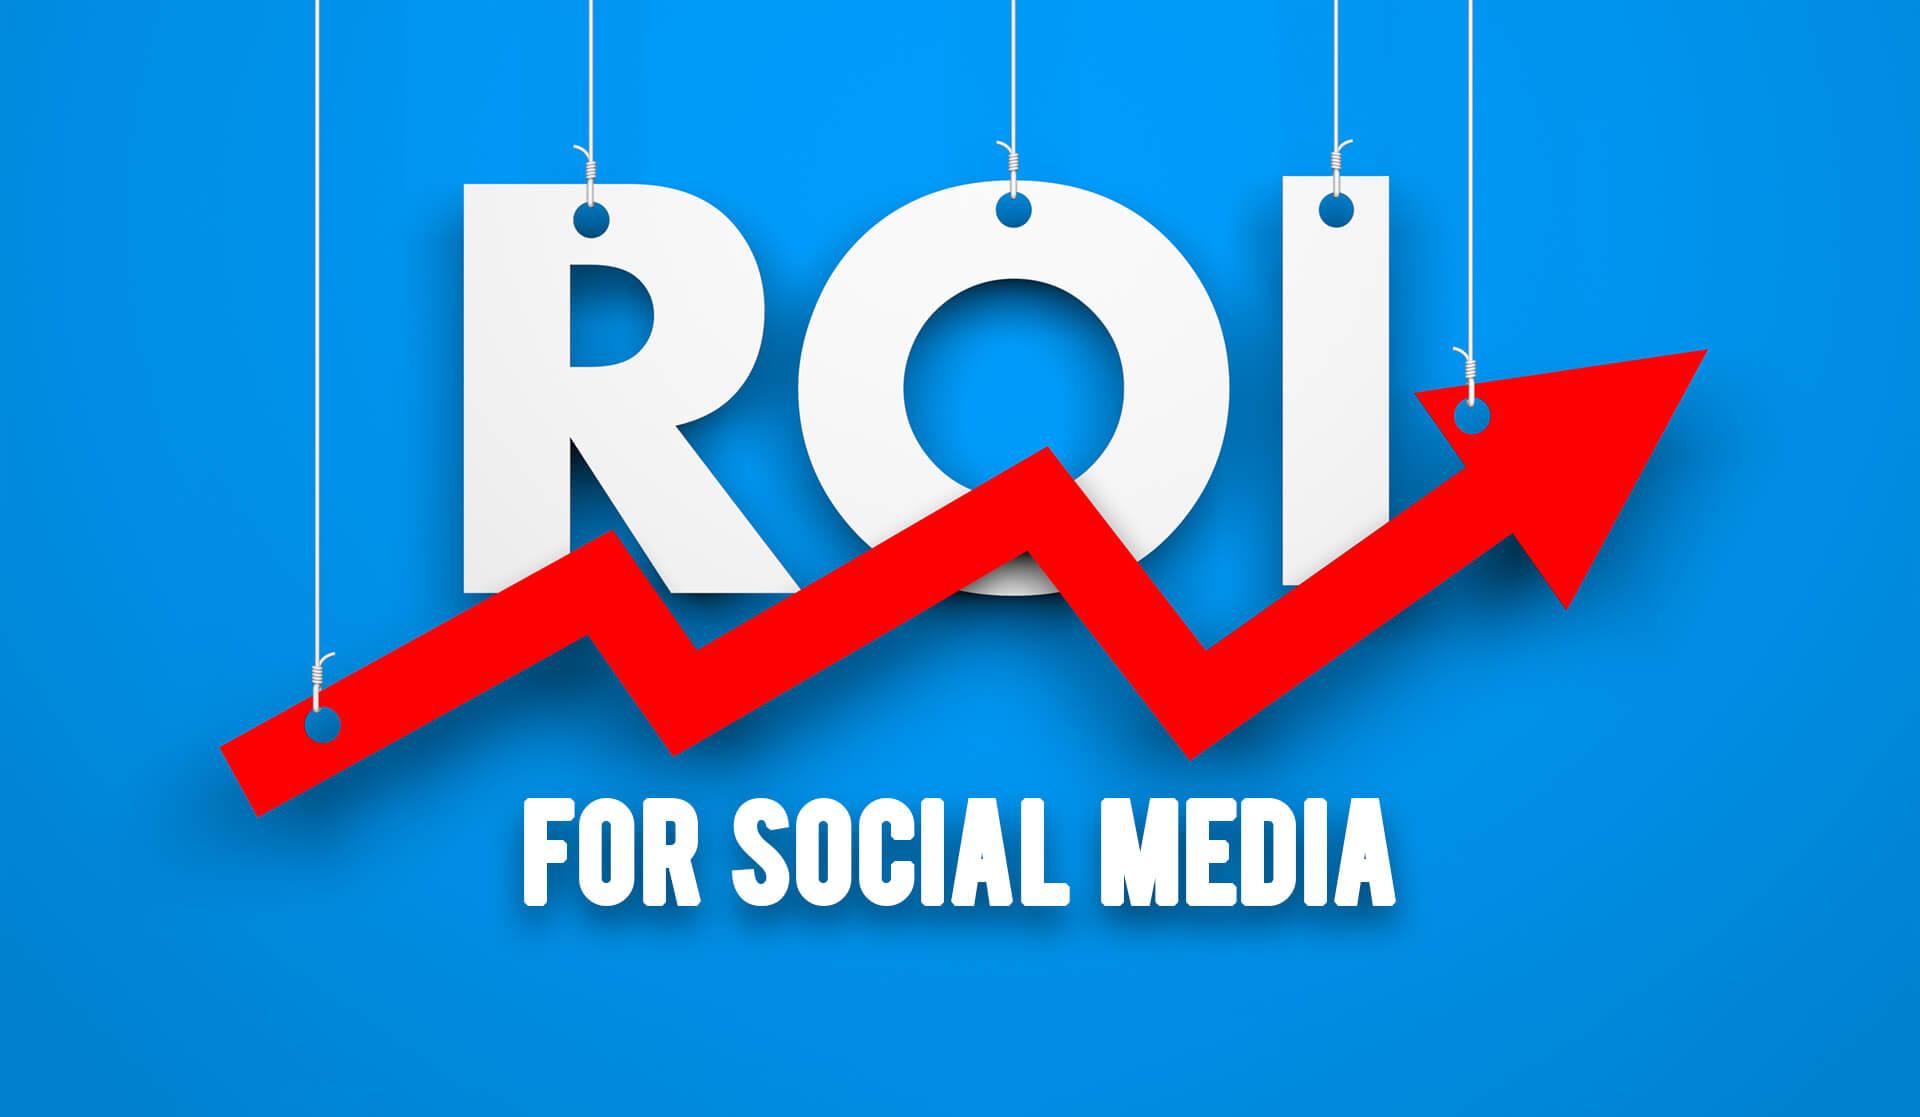 roi-social-media-marketing-1